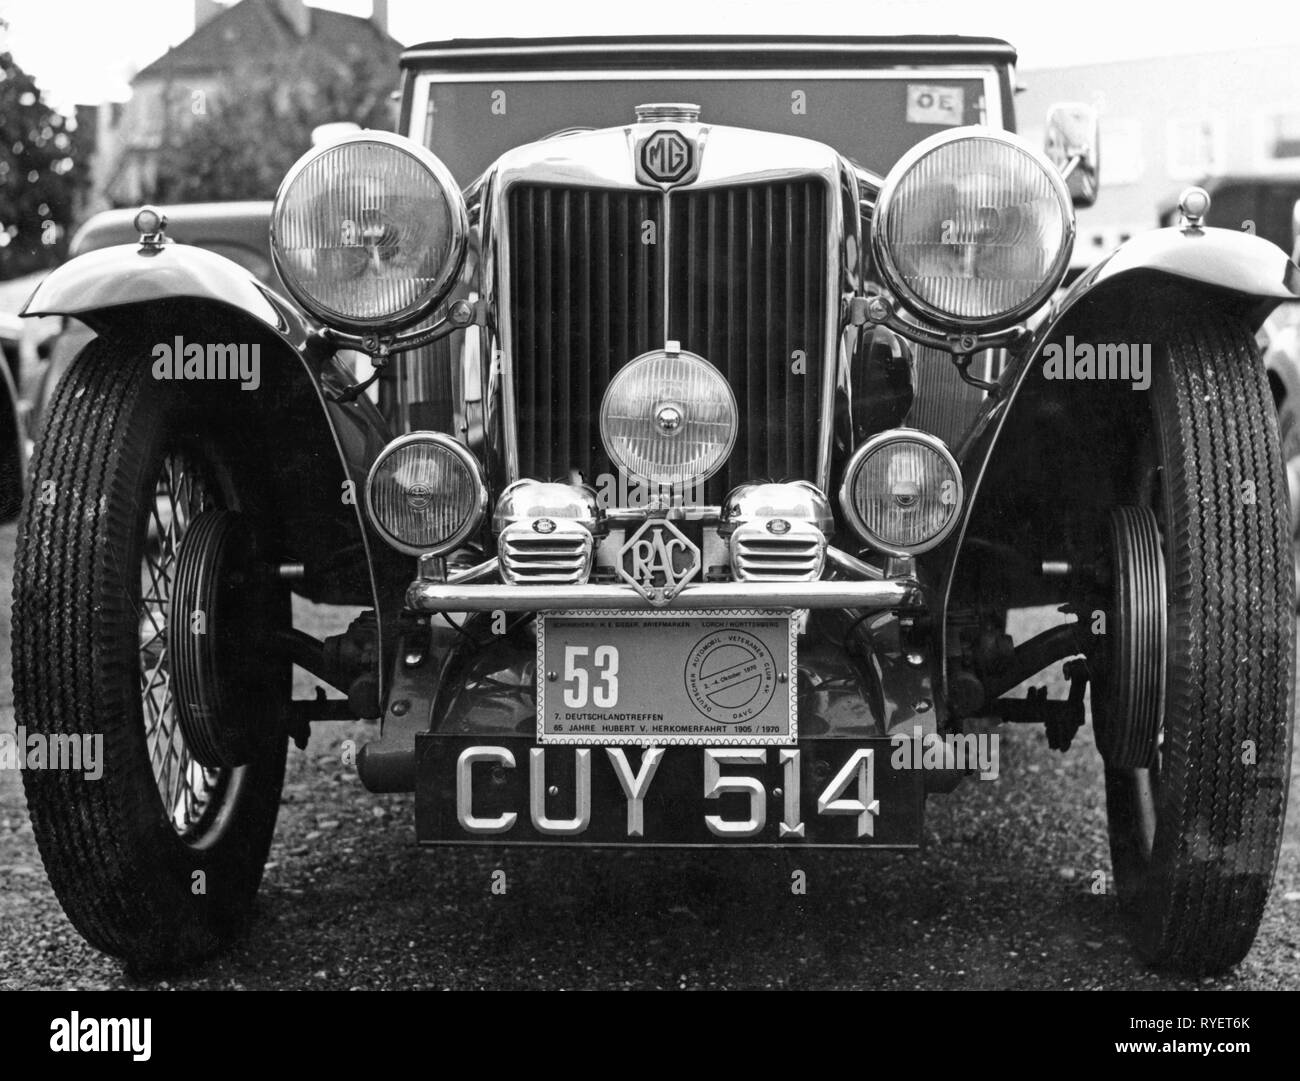 incontri registrazioni auto del Regno Unito